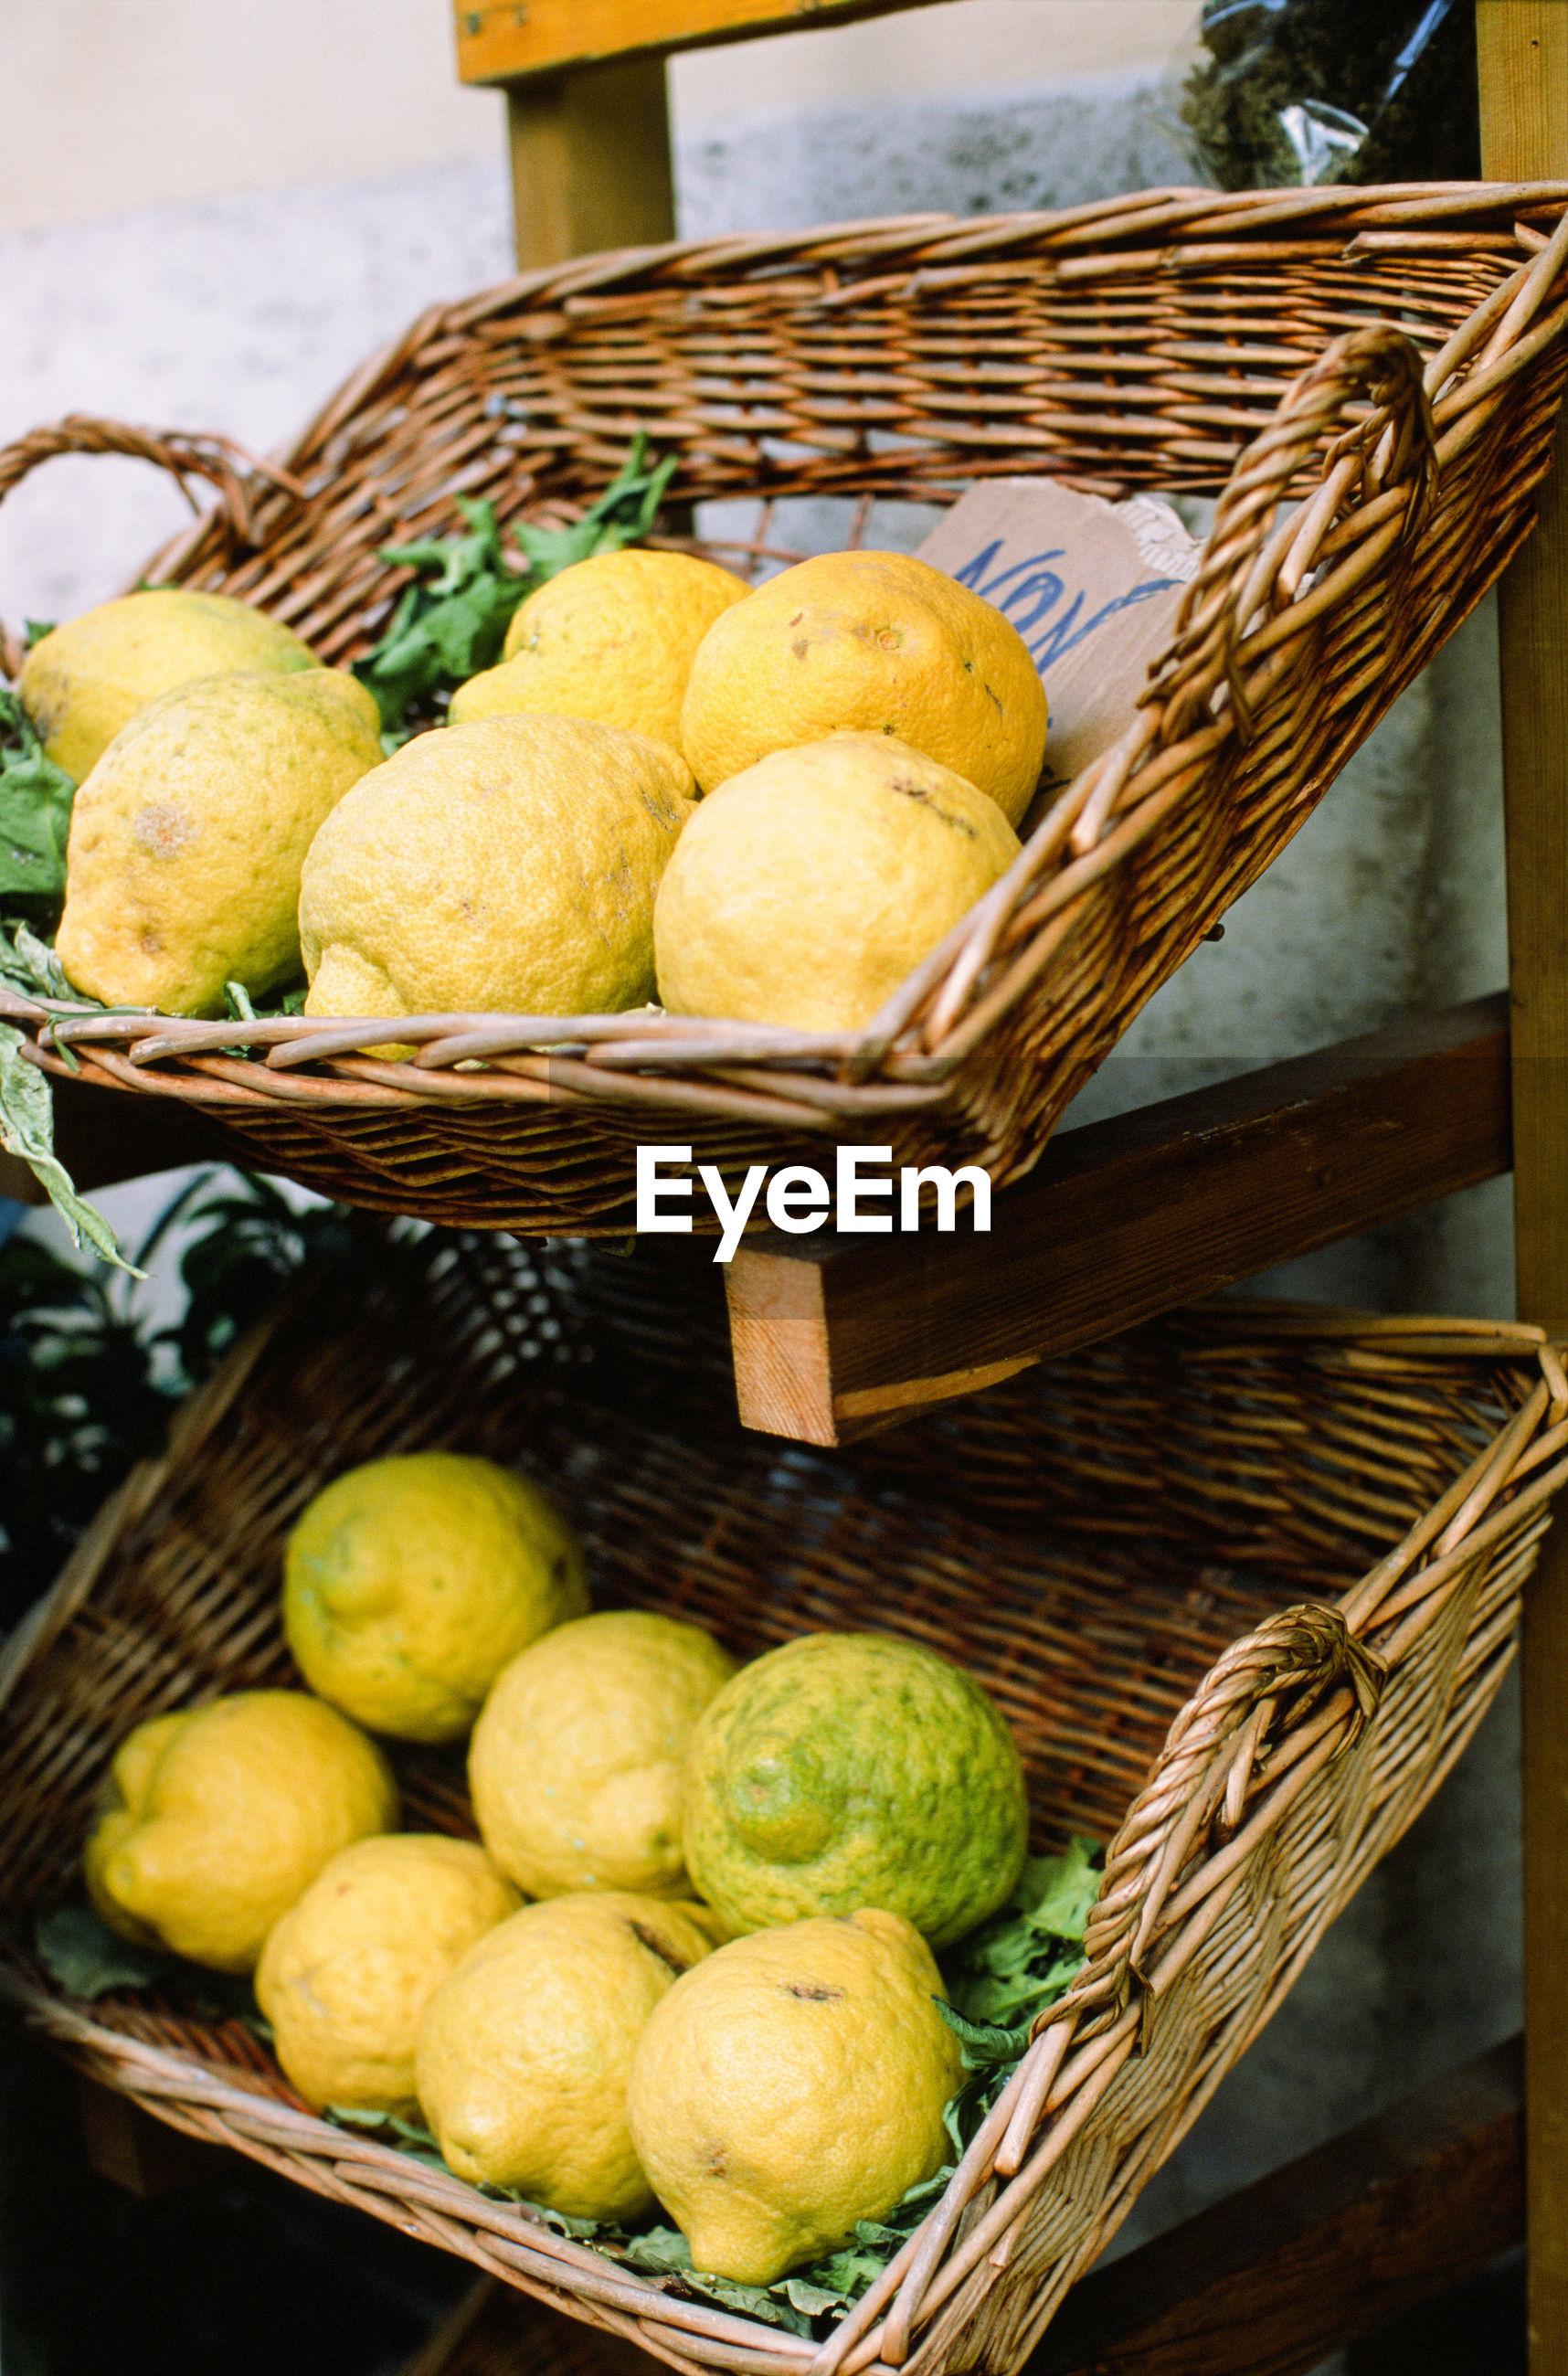 Lemon in basket for sale at market stall